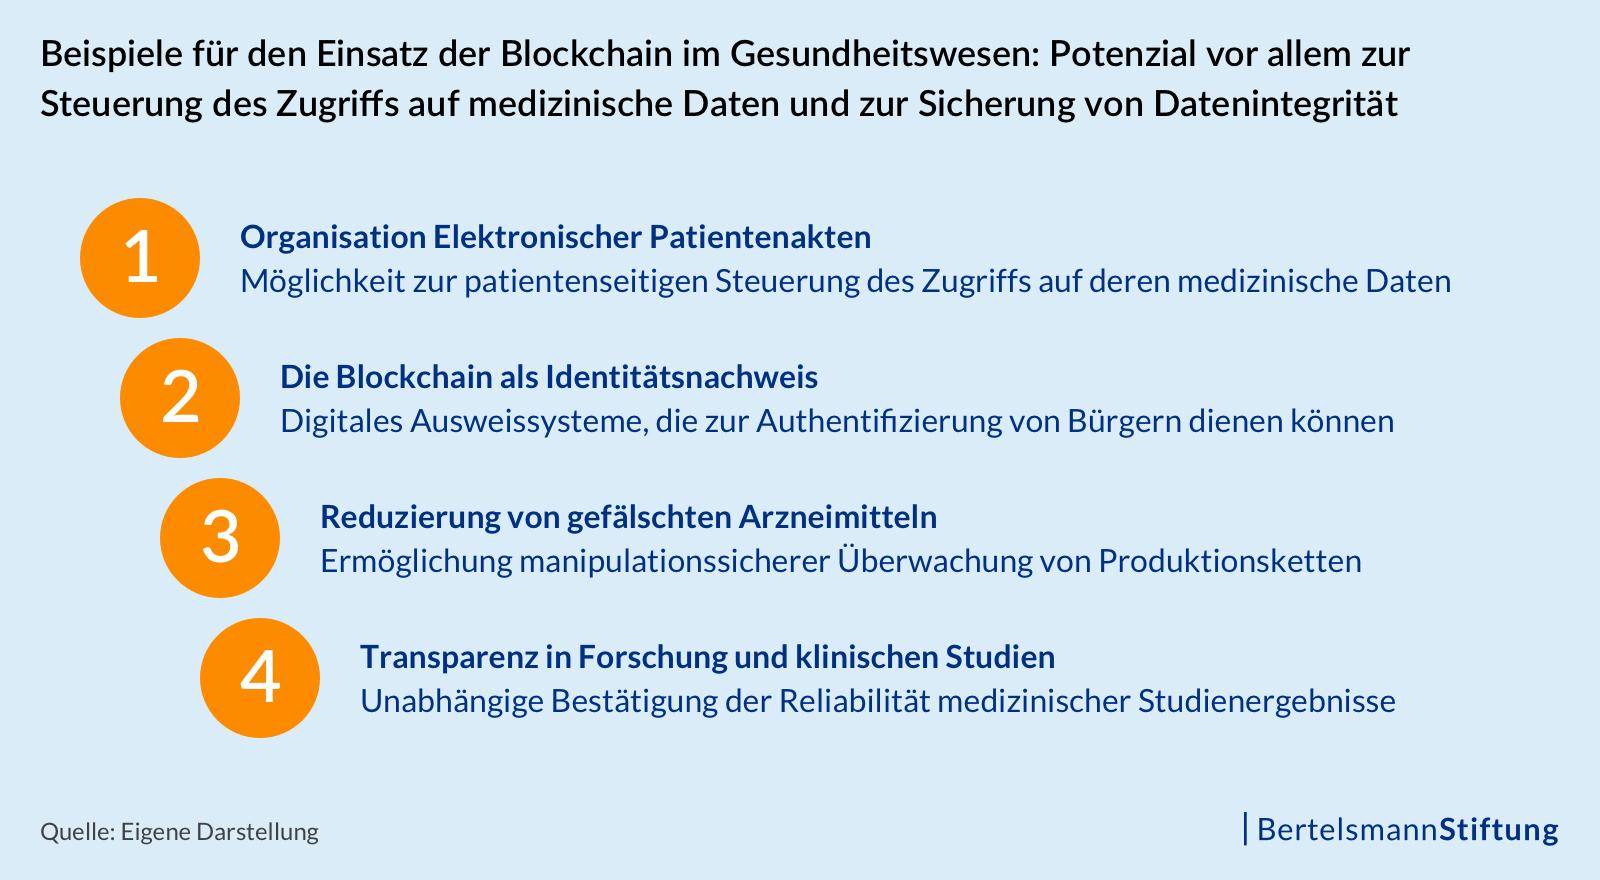 Beispiele für den Einsatz der Blockchain im Gesundheitswesen: Potenzial vor allem zur Steuerung des Zugriffs auf medizinische Daten und zur Sicherung von Datenintegrität